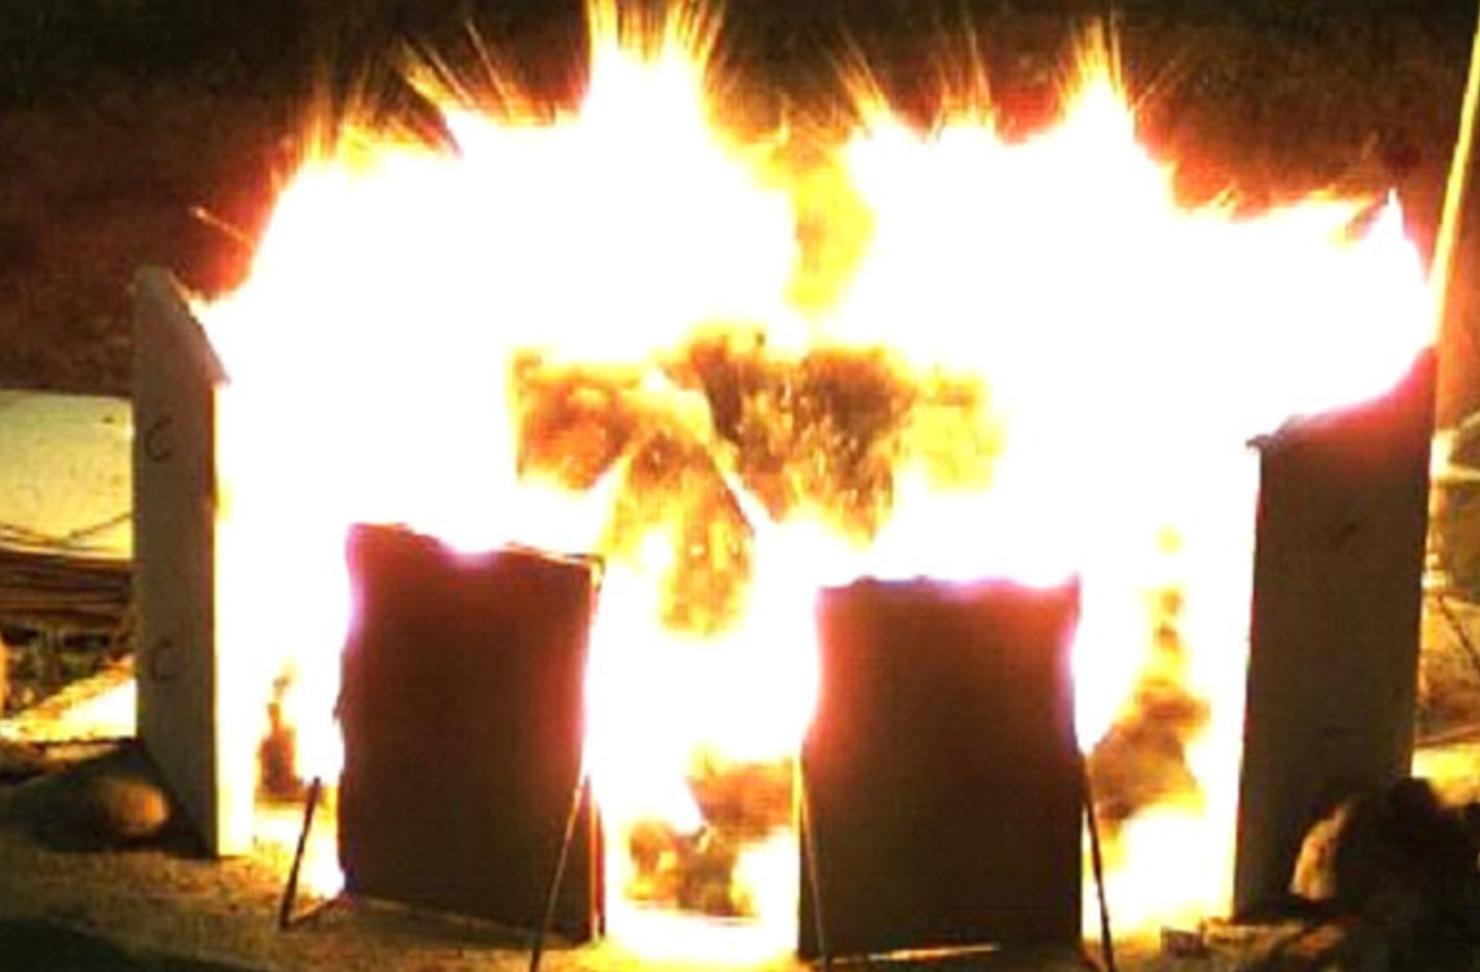 Roketsan Balistik Koruma Merkezi (BKM)